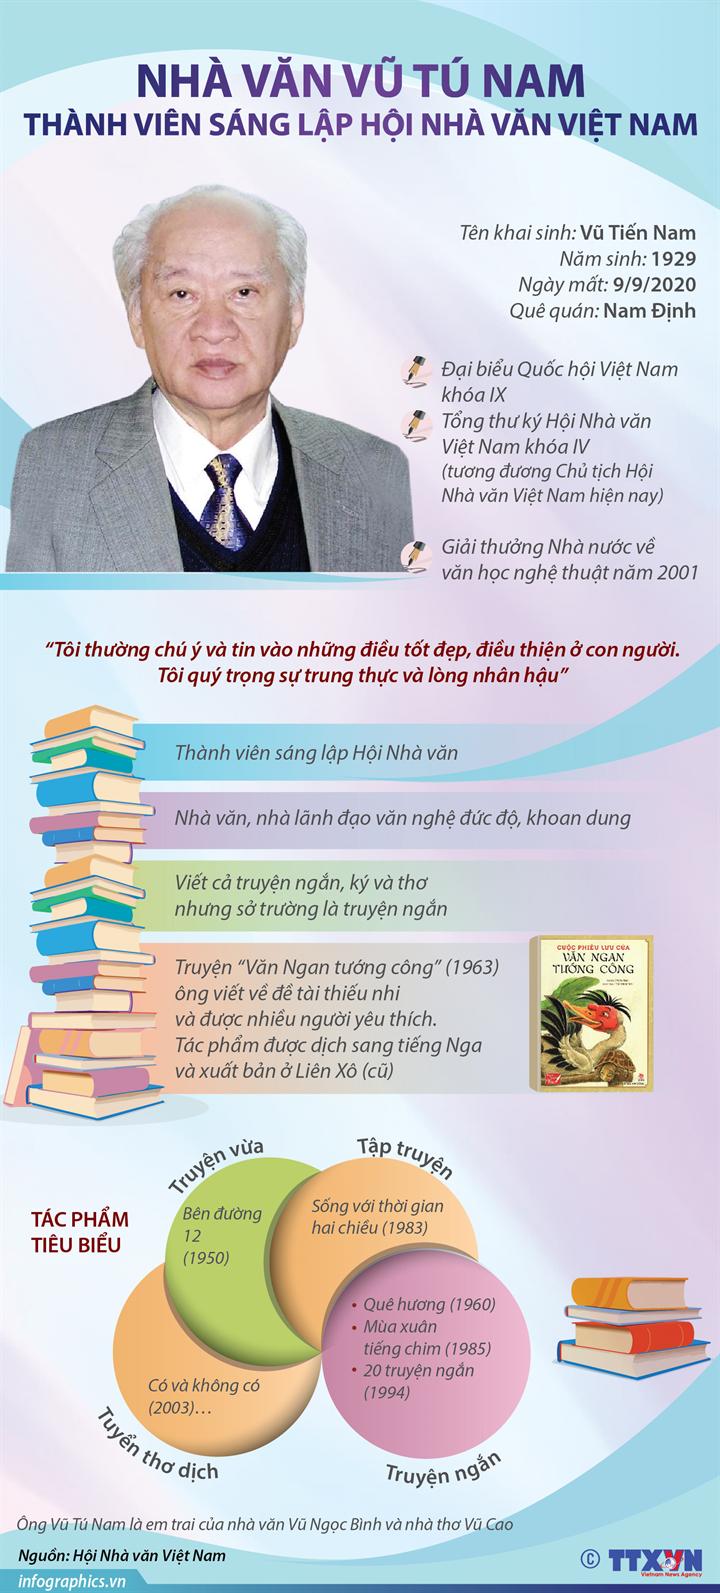 Nhà văn Vũ Tú Nam và những tác phẩm tiêu biểu